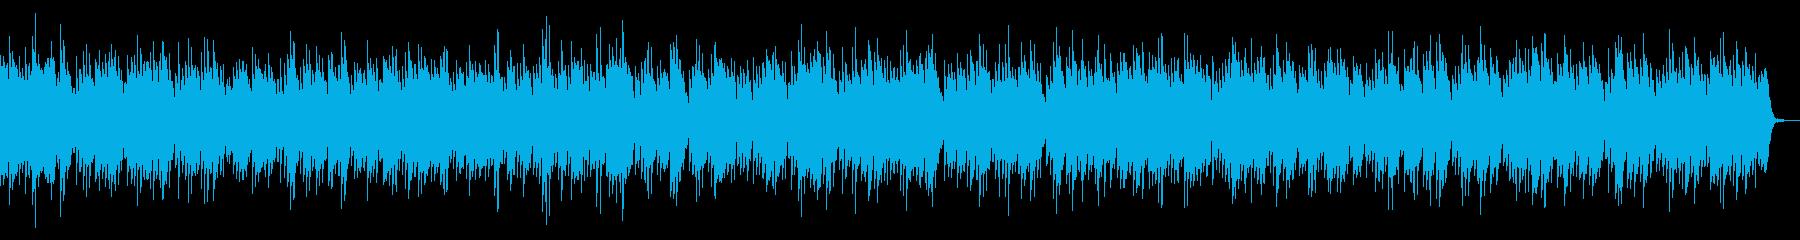 ピアノによるミニマルミュージックの再生済みの波形